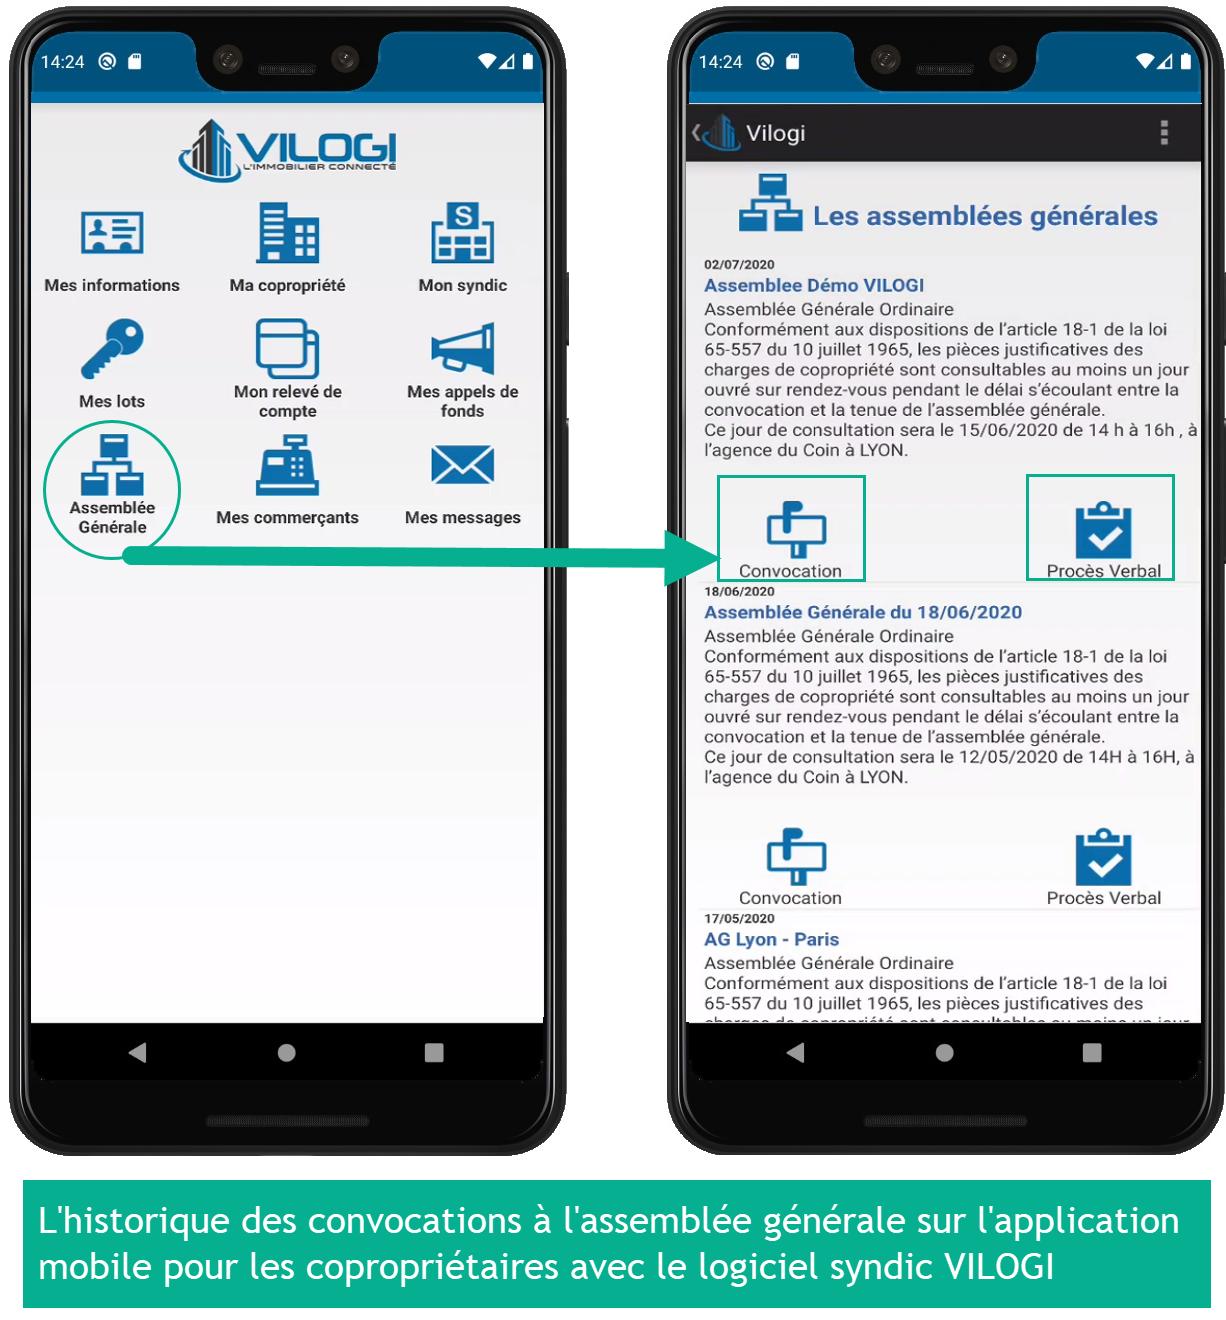 L historique des convocation AG sur application mobile des copropriétaires